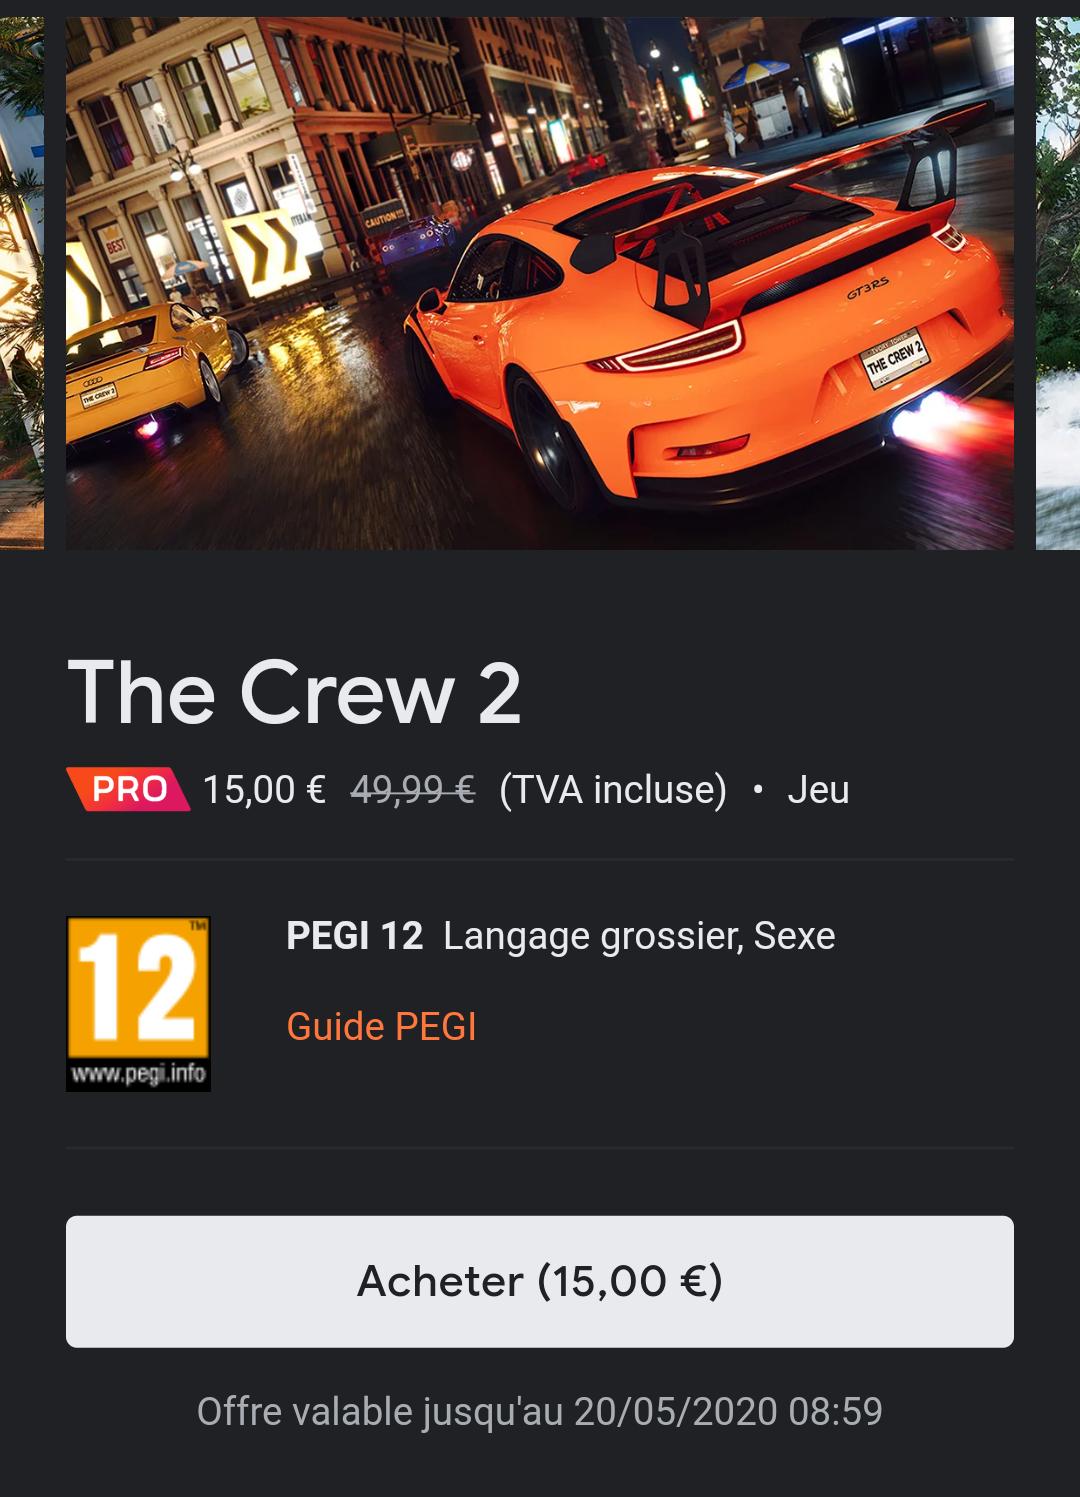 [Google Stadia Pro] The Crew 2 sur Google Stradia (Dématérialisé)